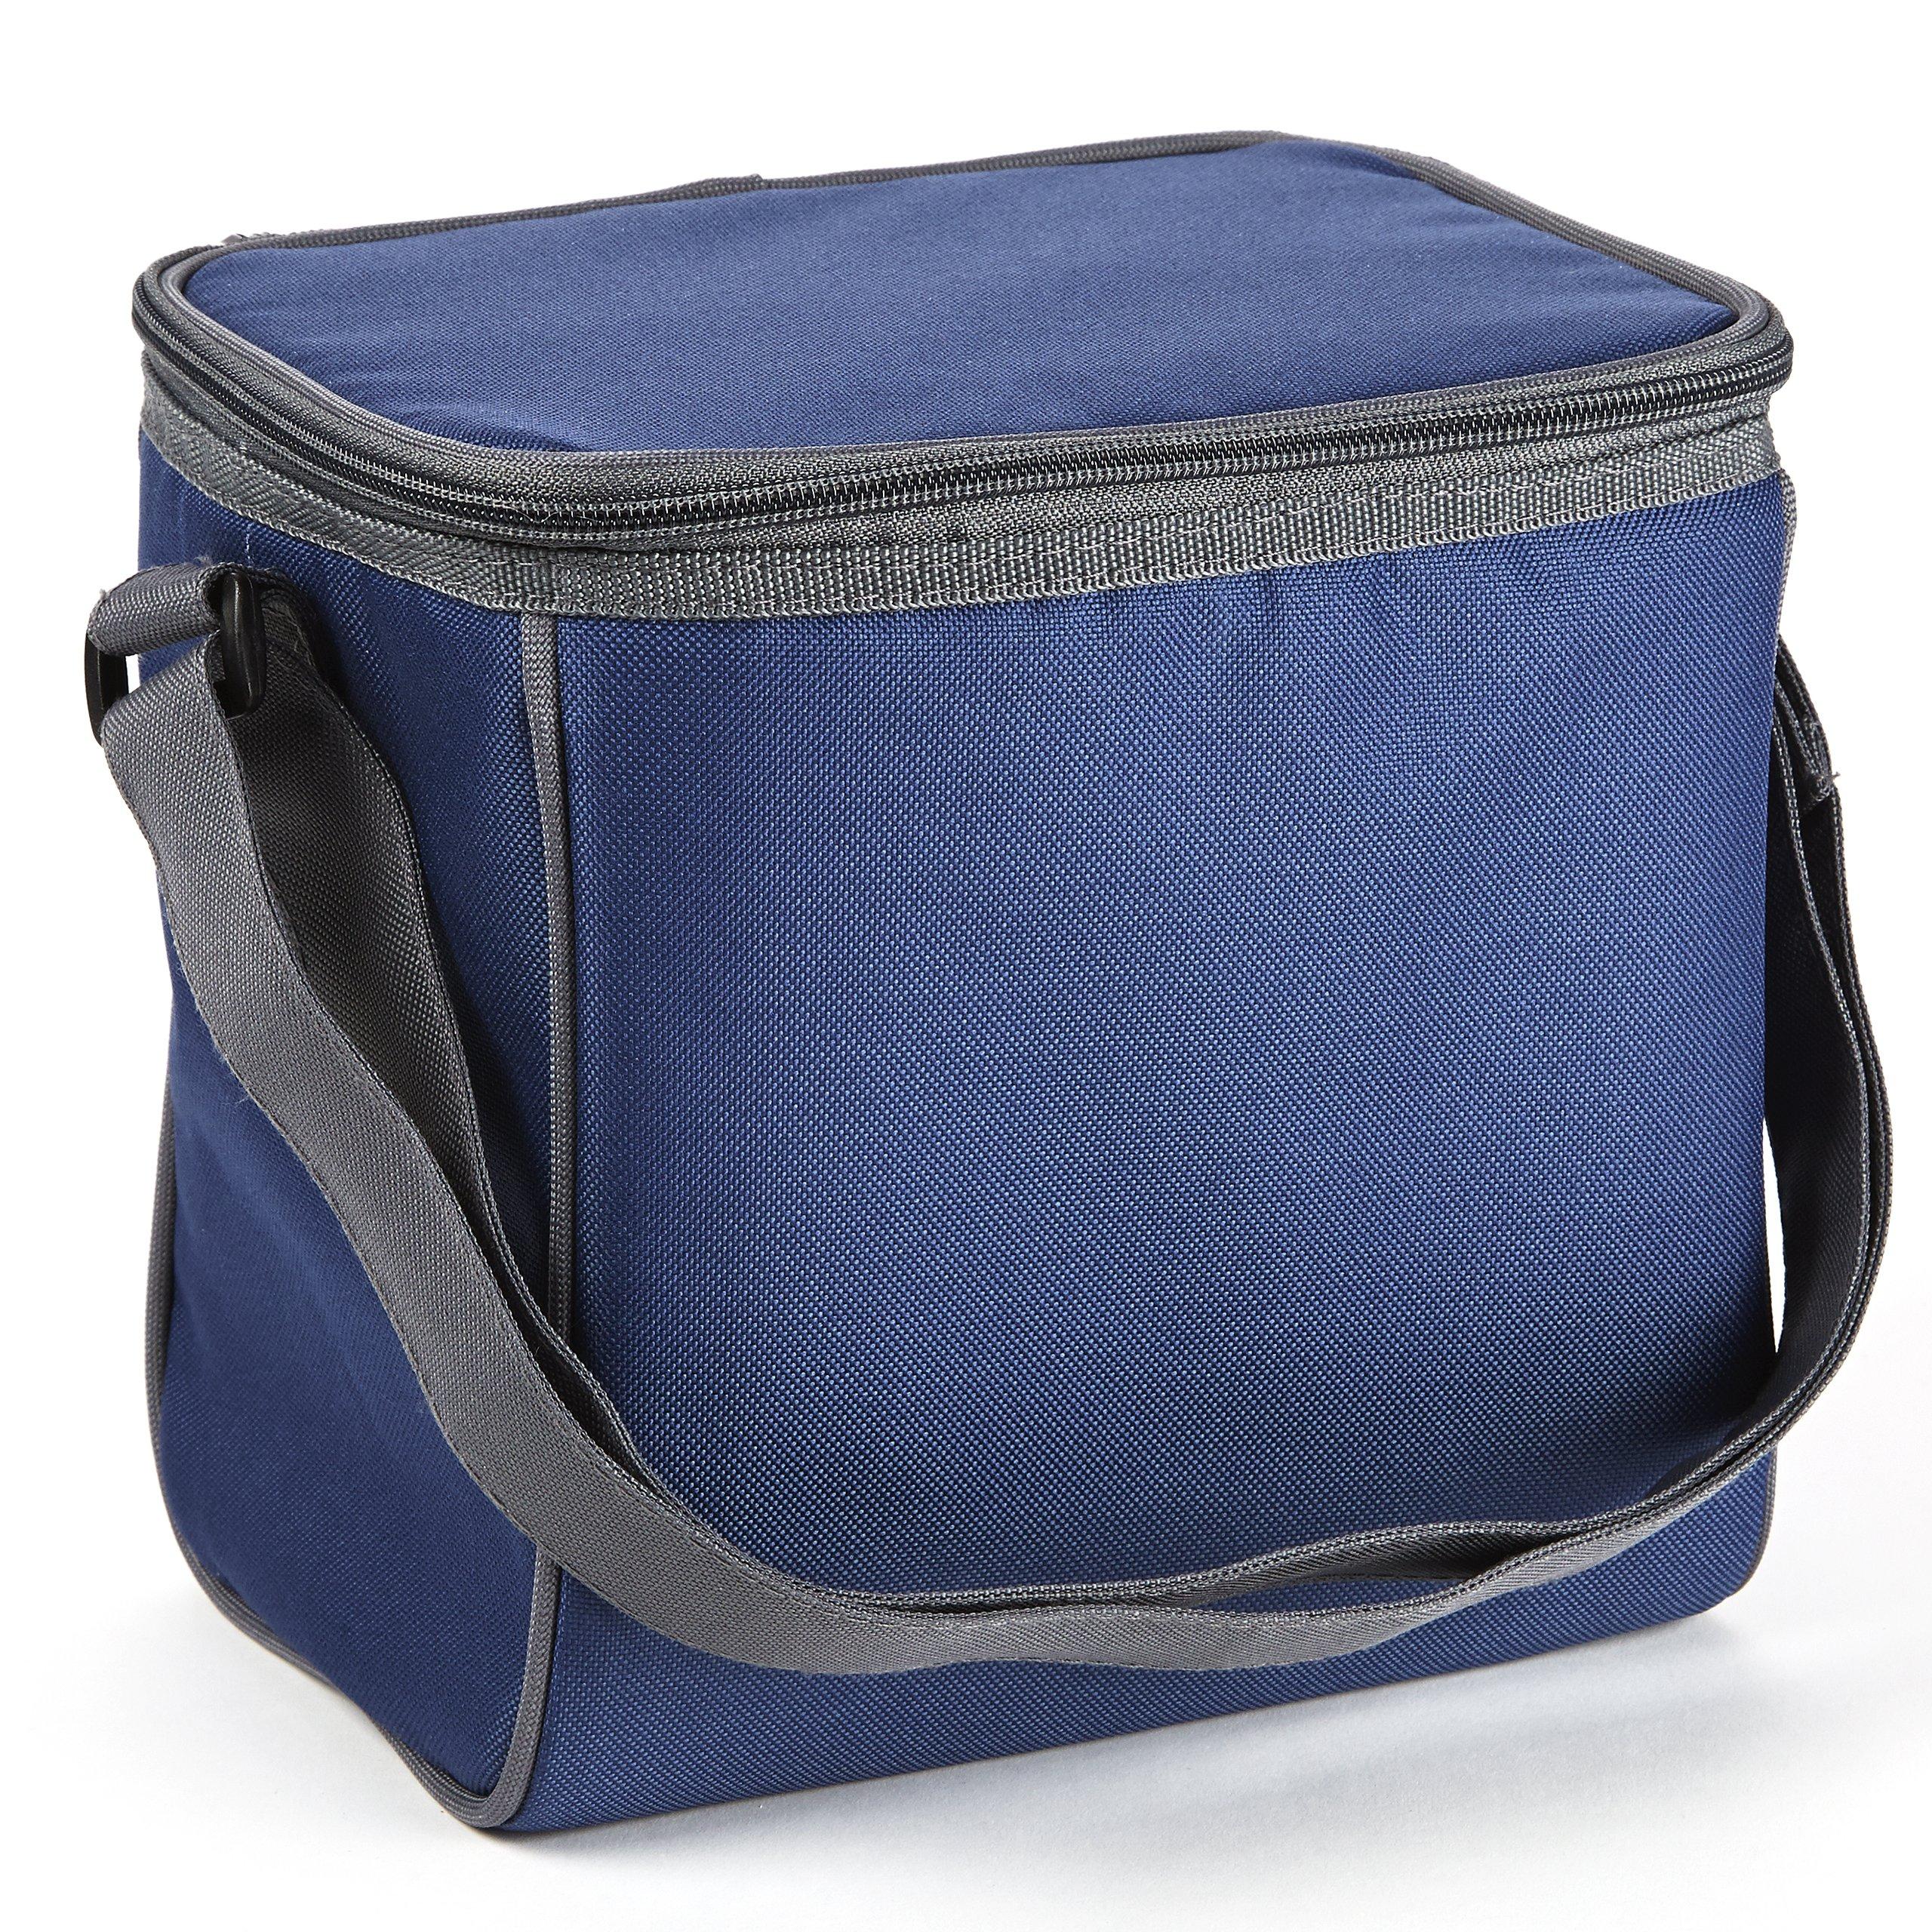 Fit & Fresh Insulated Cooler Bag with Adjustable Shoulder Strap, 6 Bottle Capacity, Versatile Cooler Bag for Men, Women, Kids, Navy